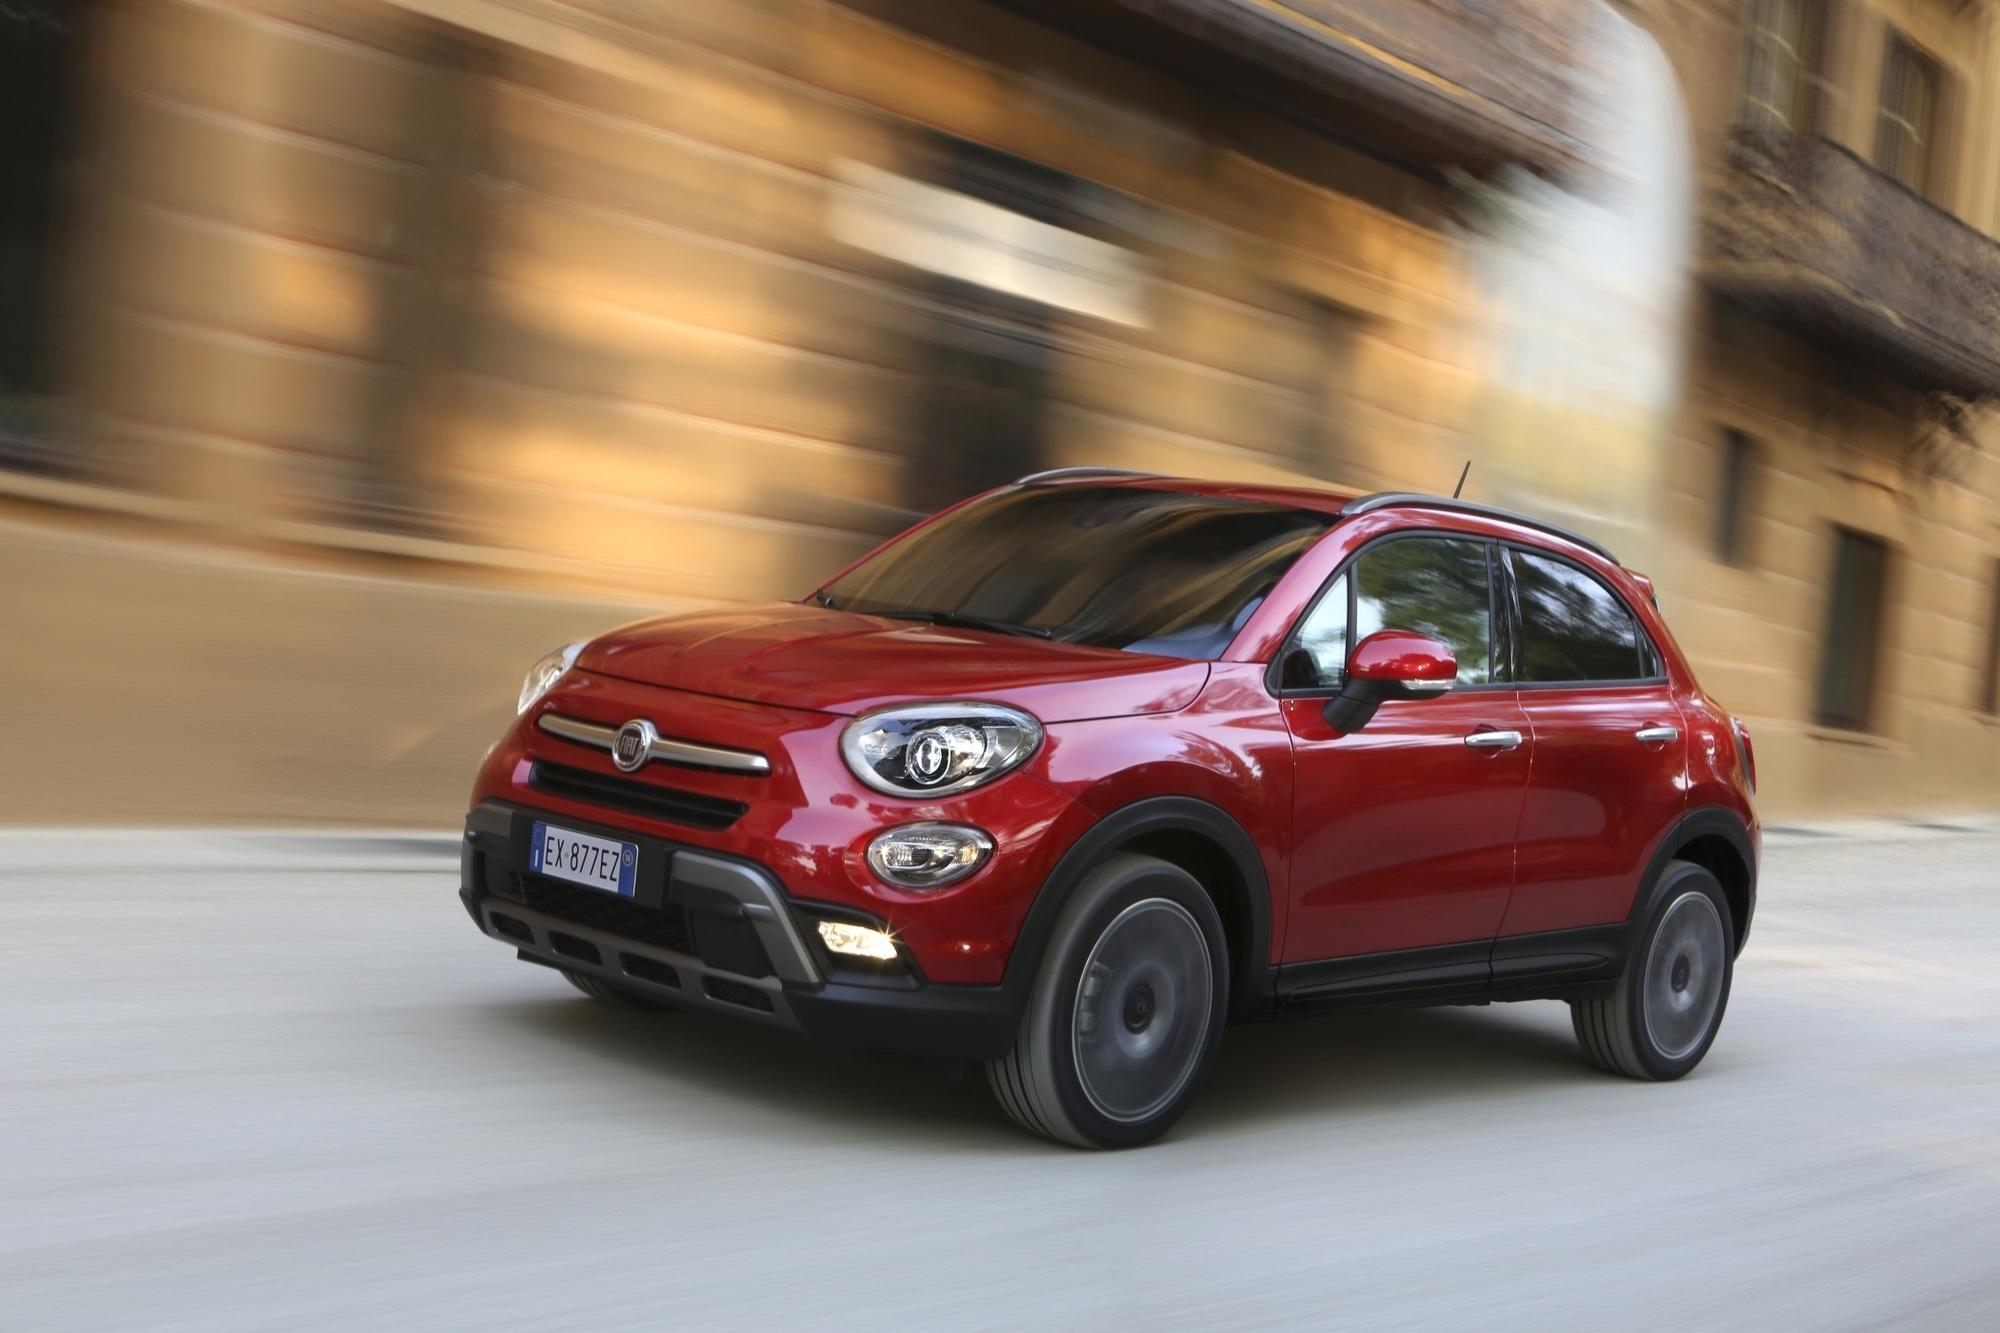 Fahrbericht: Fiat 500X - Die Testosteron-Variante